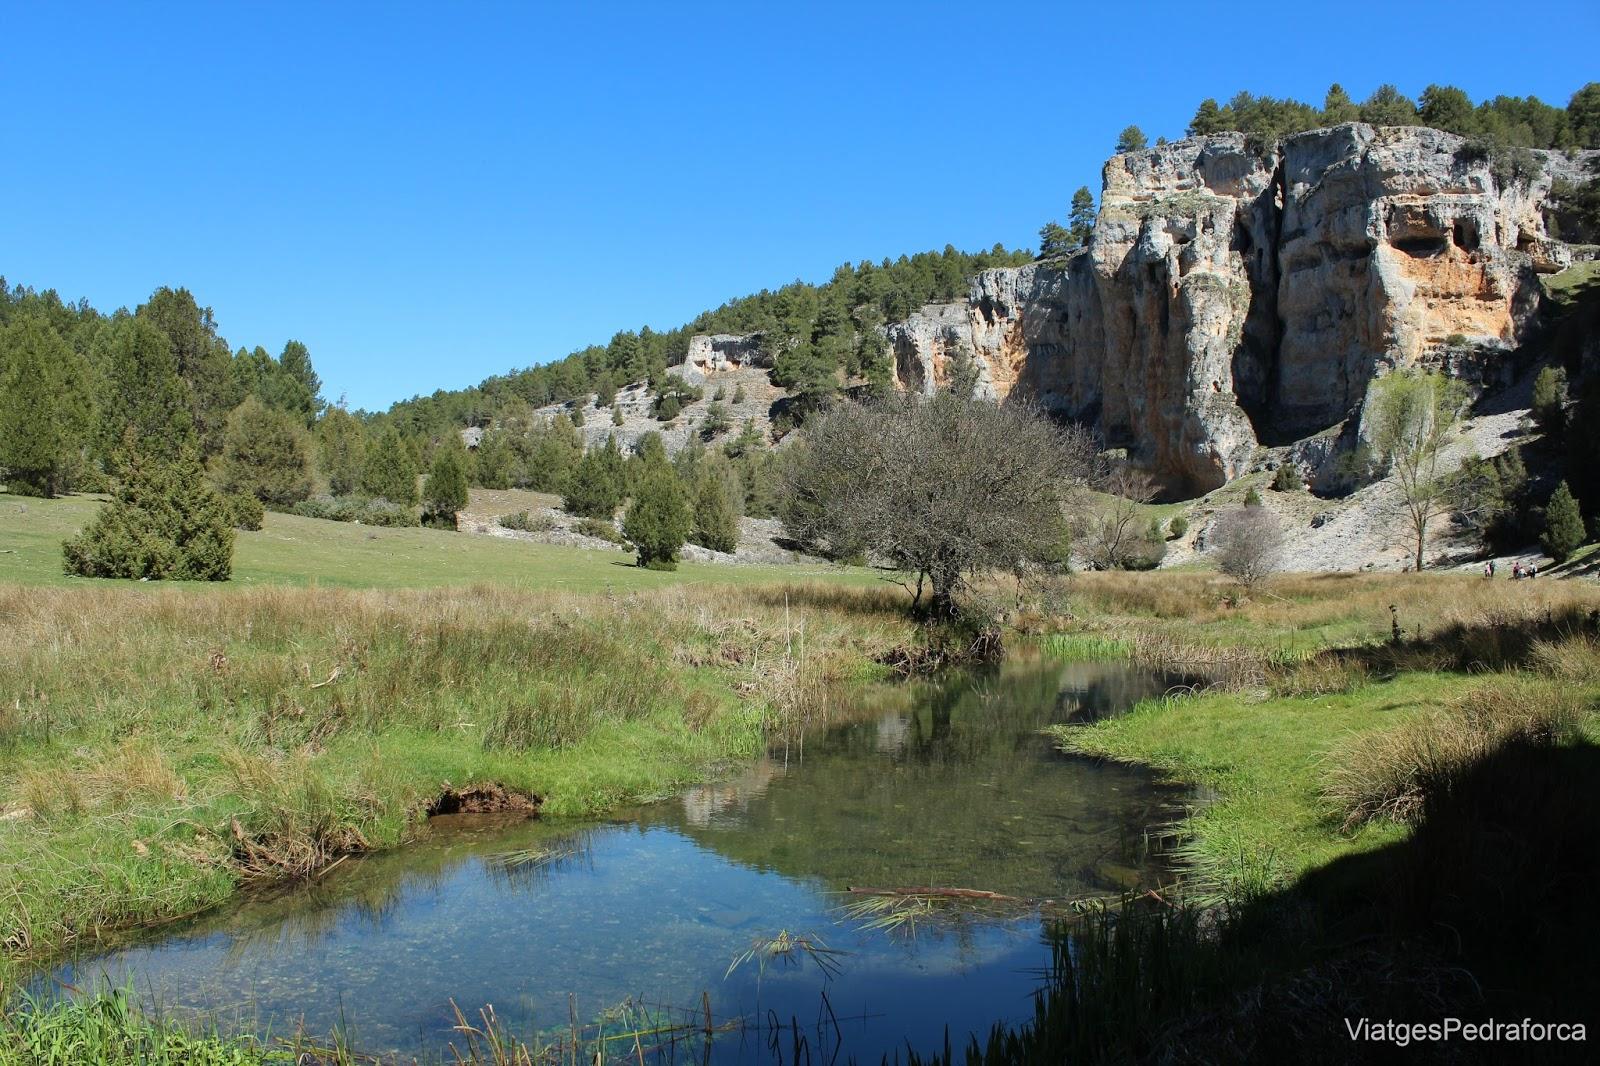 Parque natural del Cañón del Río Lobos, Soria, Castilla y León